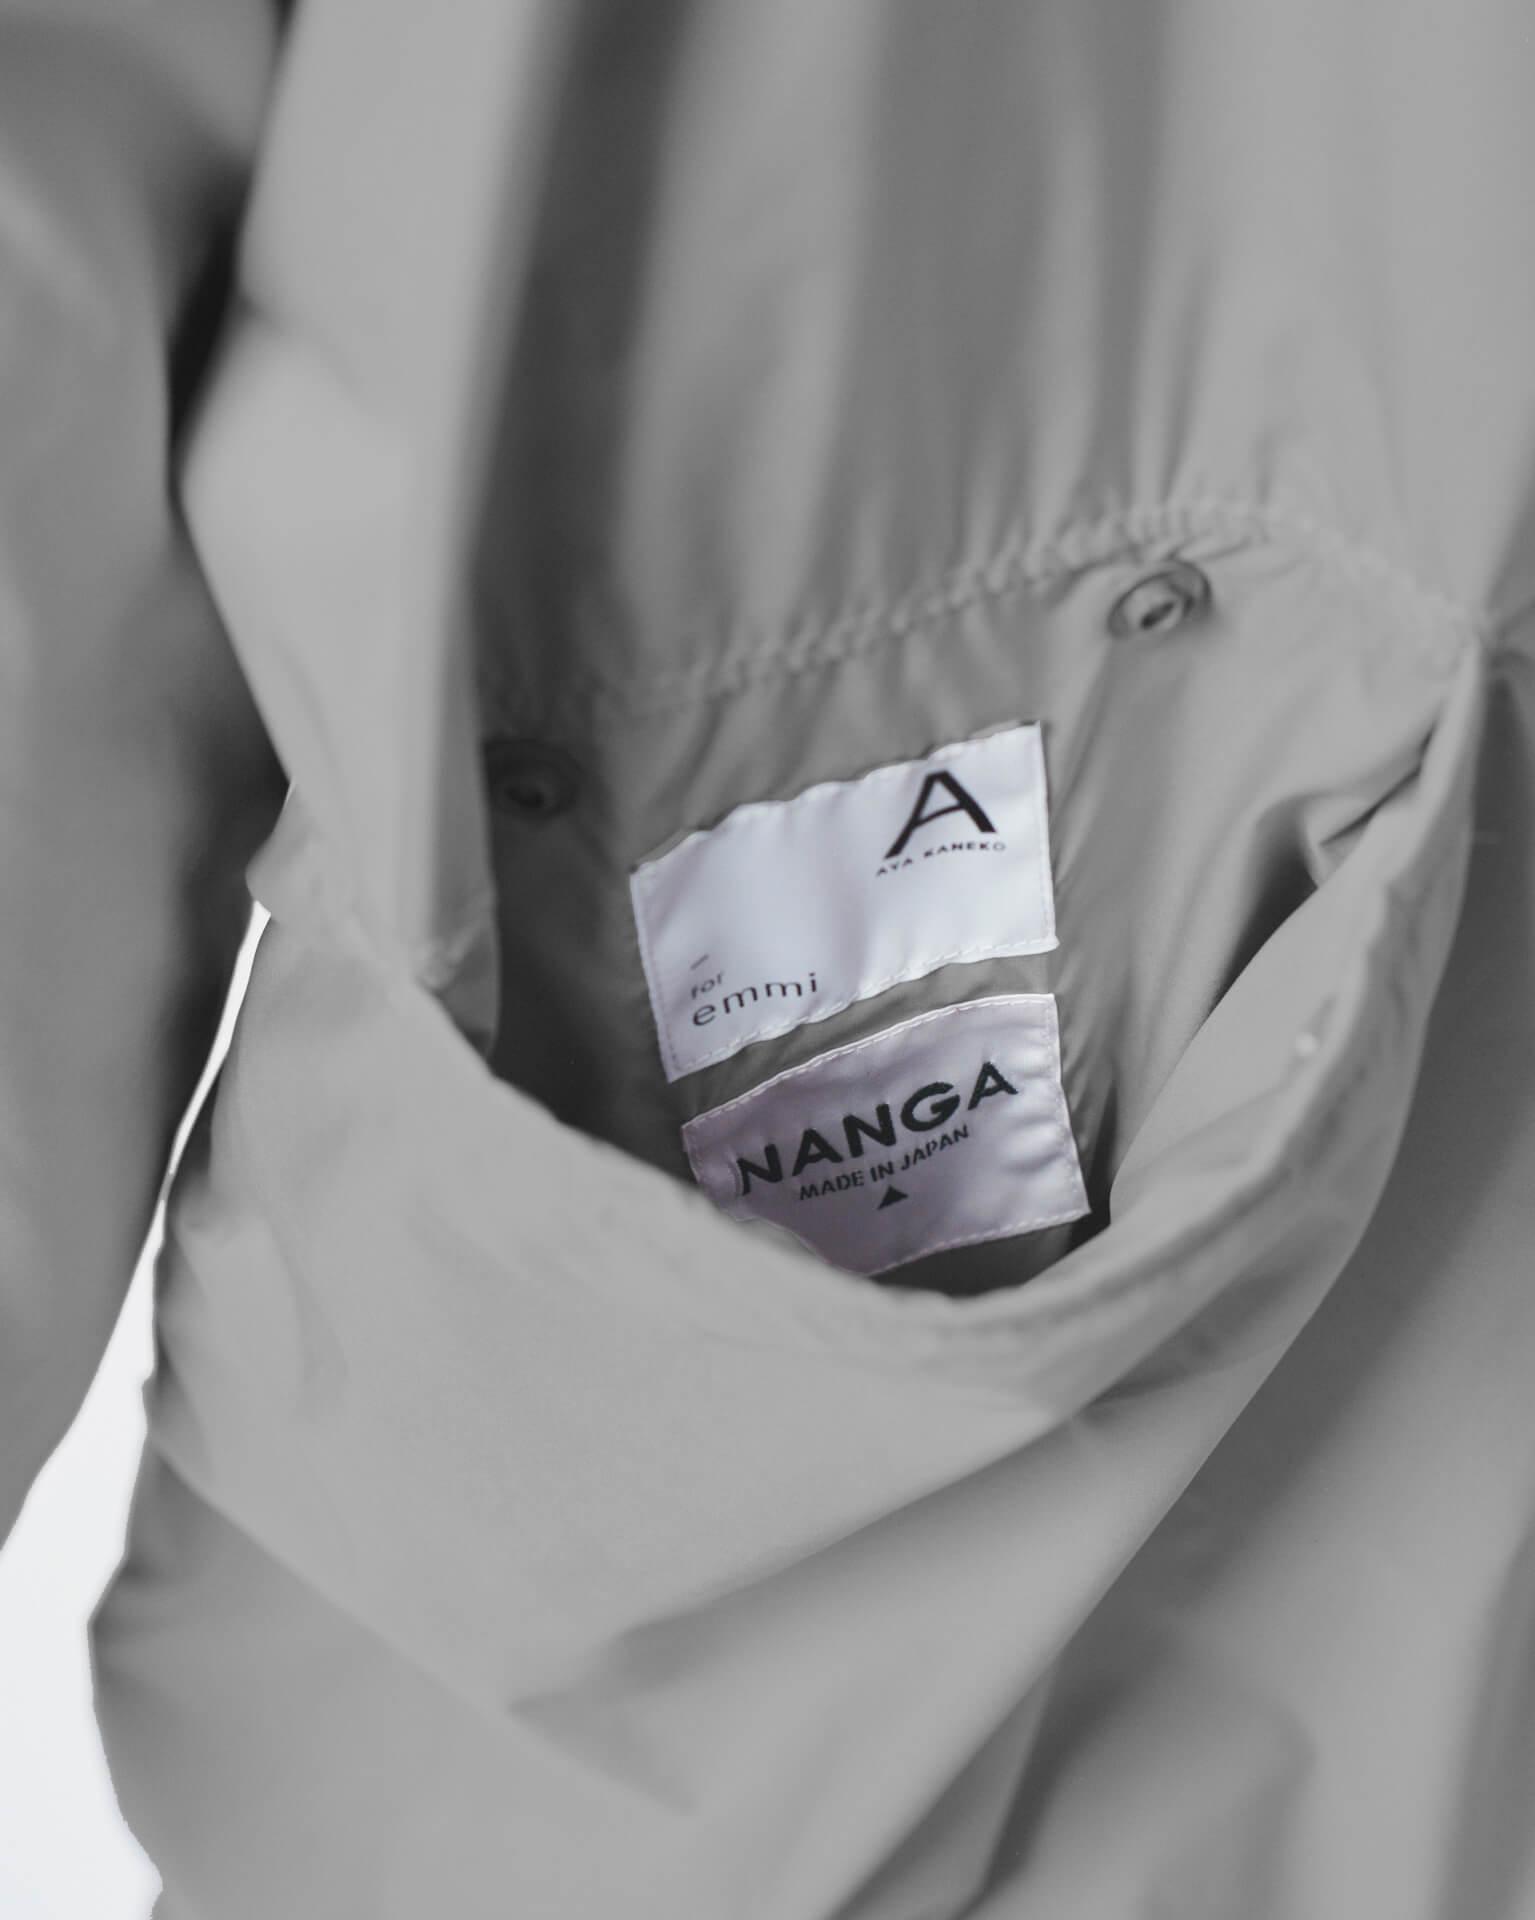 emmiから金子綾&NANGAとコラボしたダウンコートが登場!軽さと暖かさを重視したリバーシブルデザインが特徴 fashion20116_emmi_3